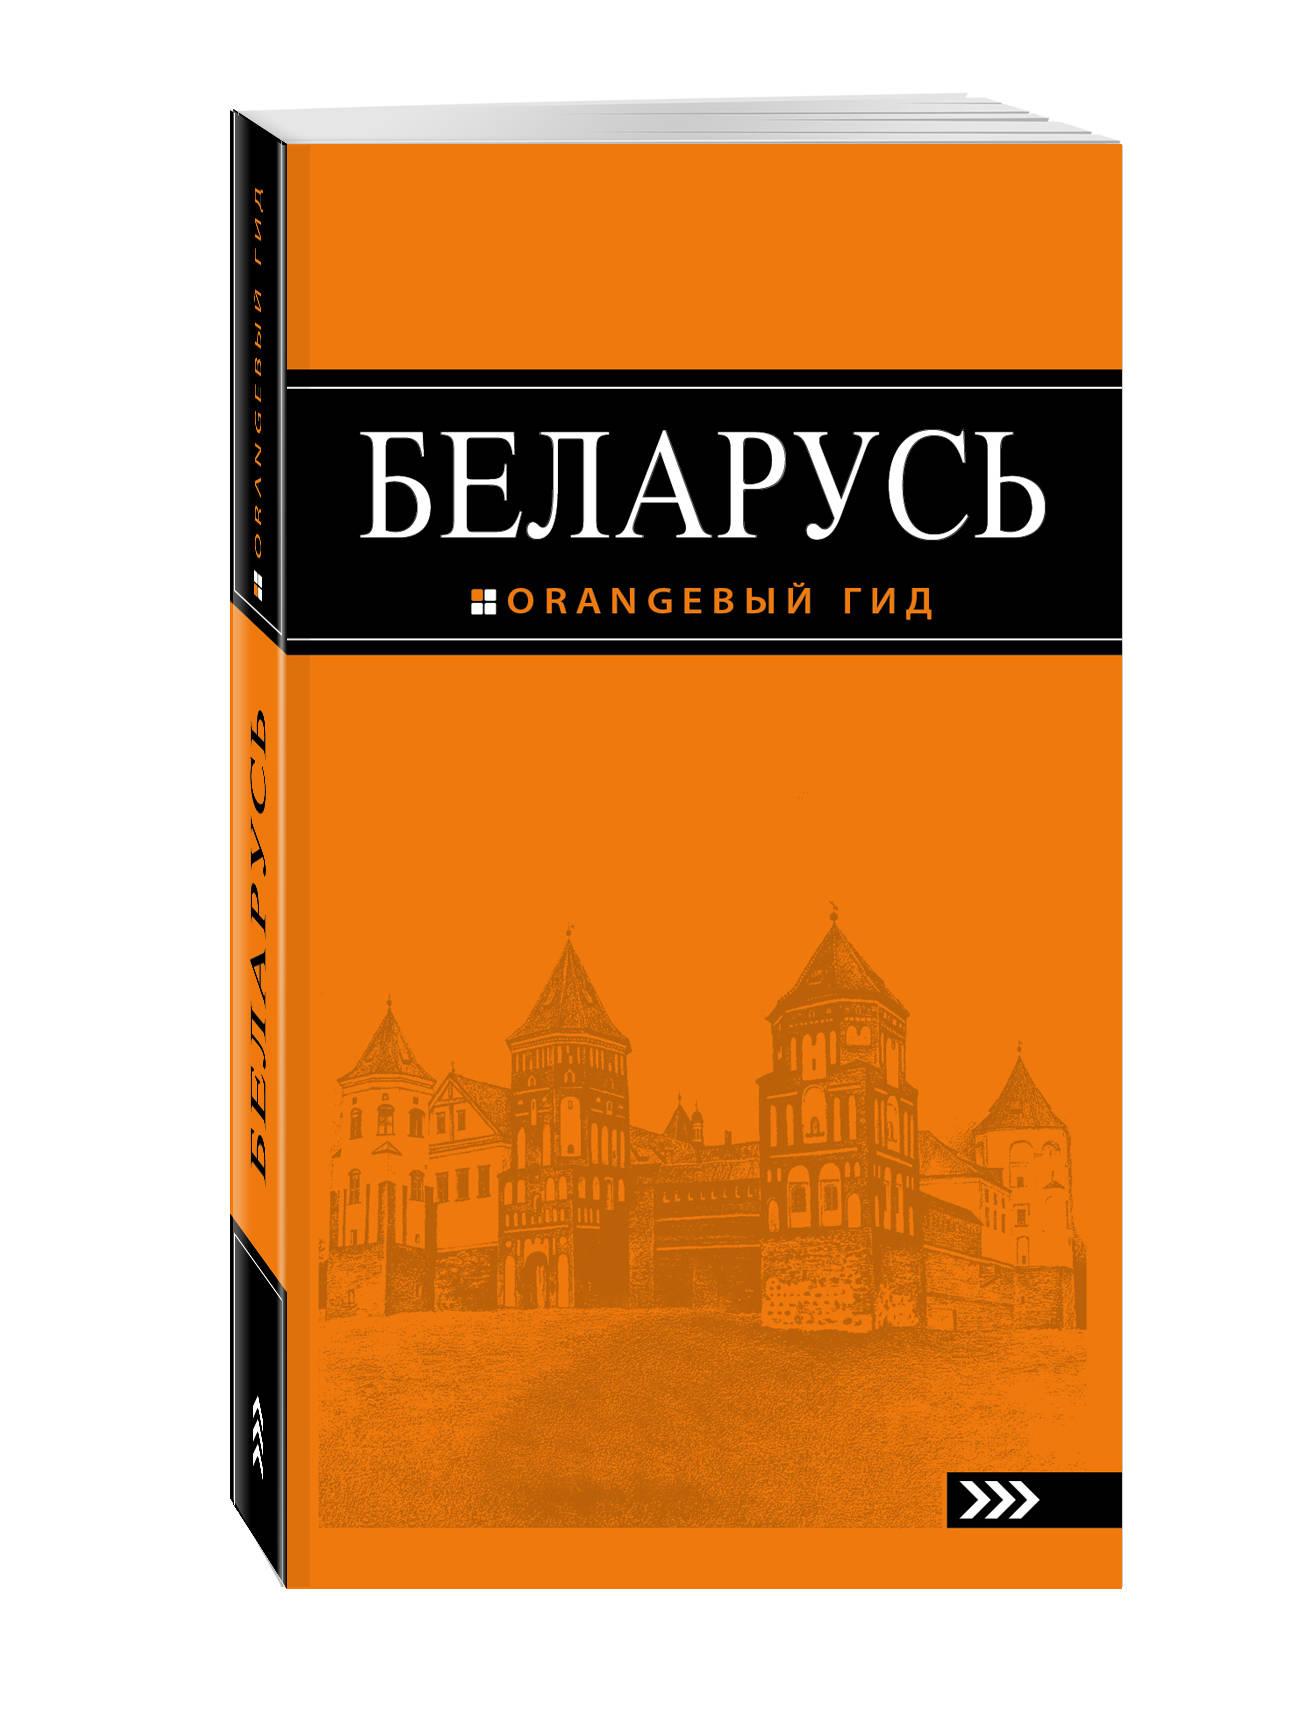 Кирпа С. Беларусь: путеводитель. 2-е изд., испр. и доп.